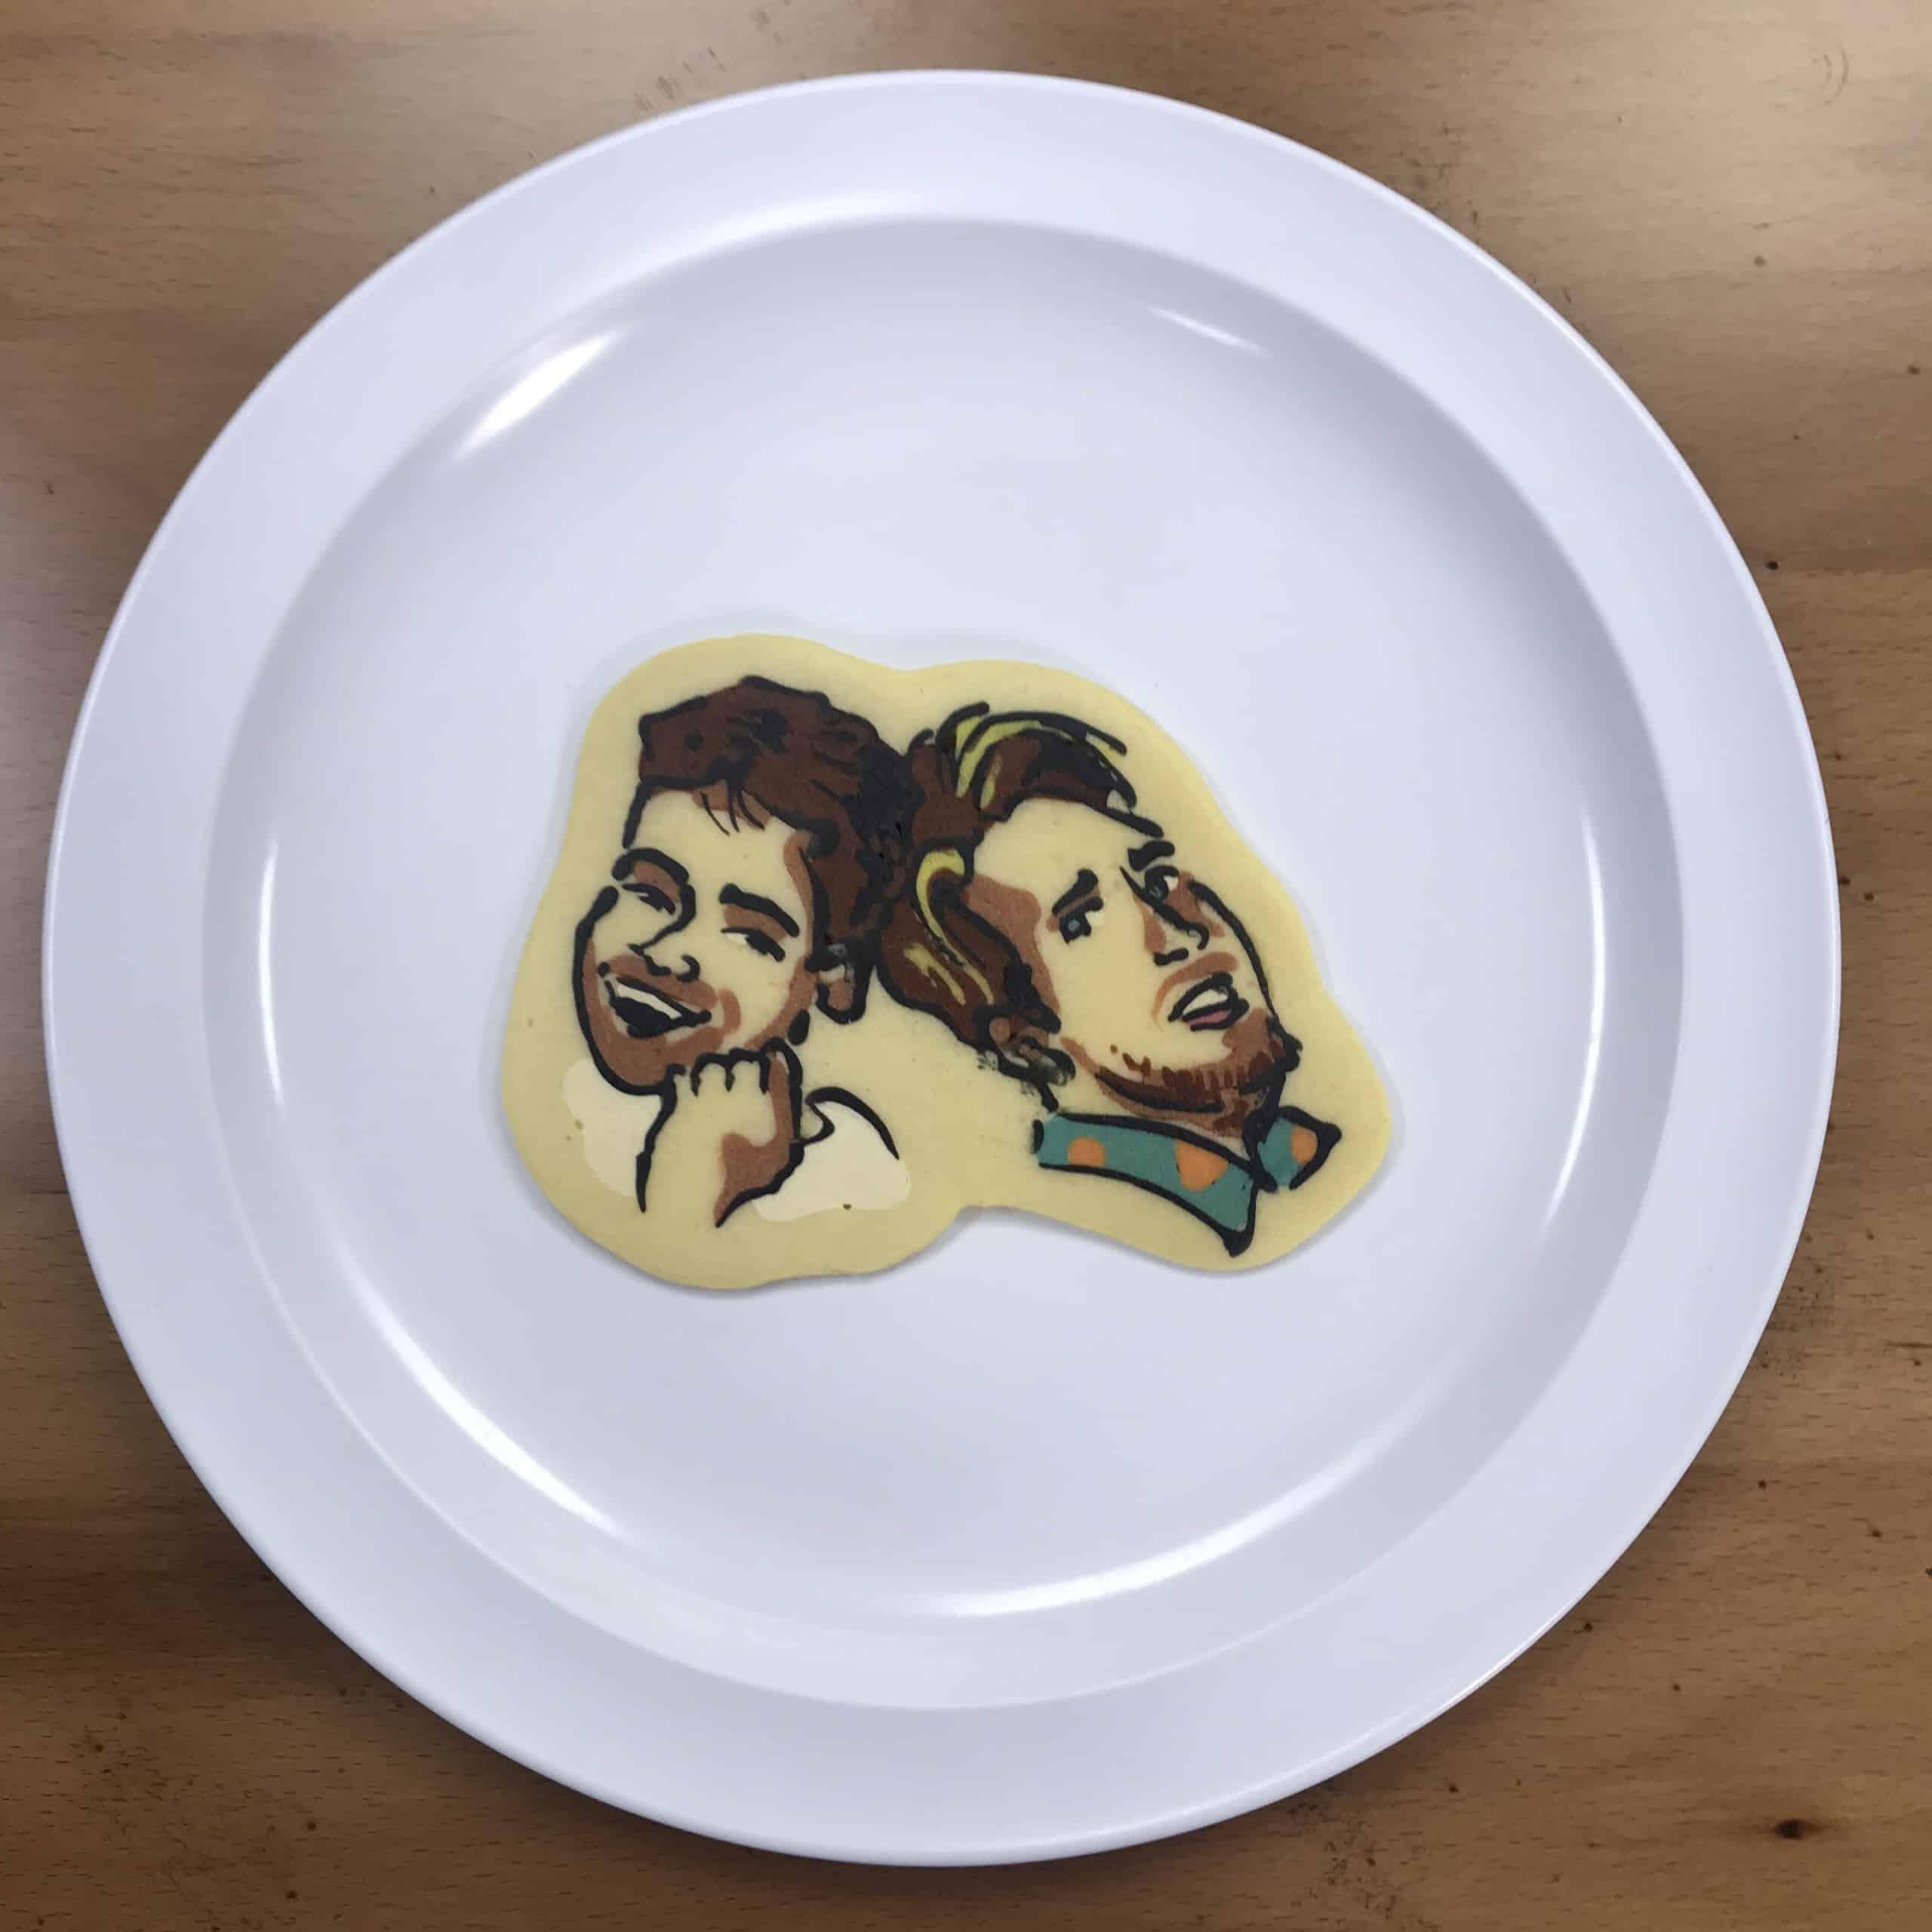 Pancake art of Ian and Shane from Smosh